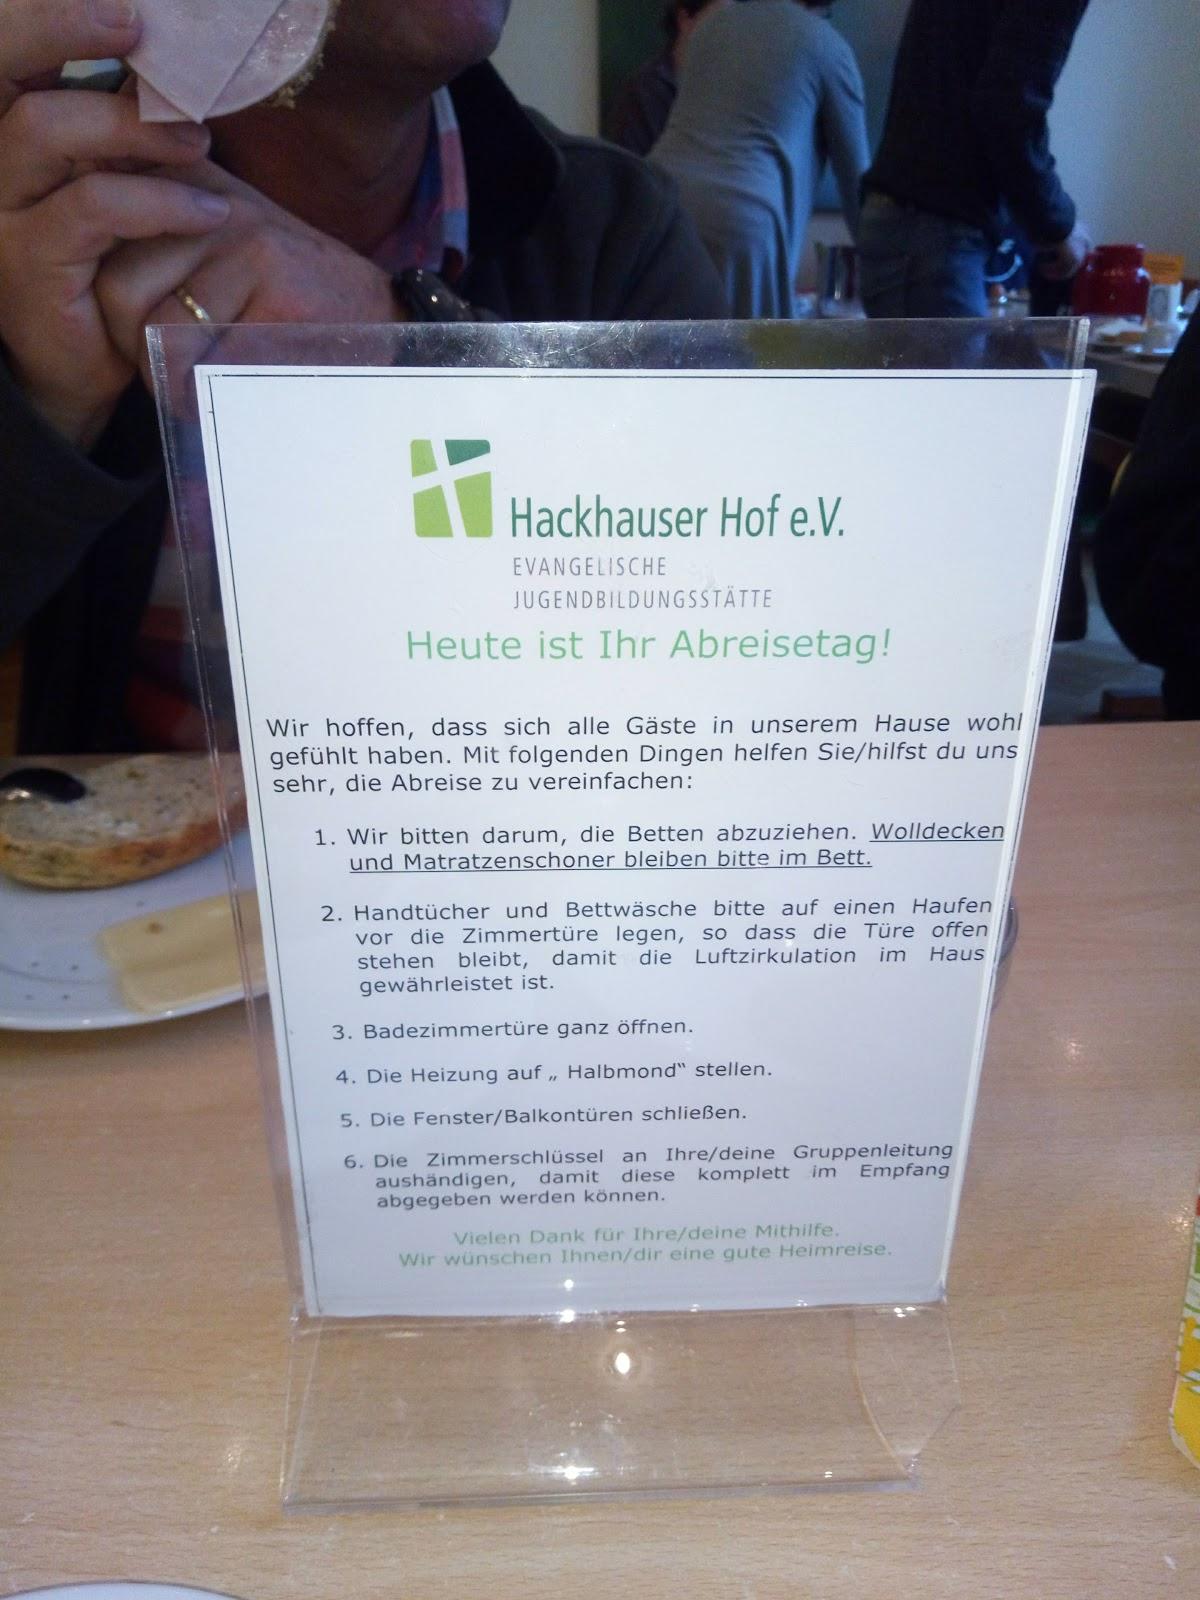 Ev Jugendbildungsstatte Hackhauser Hof E V Map Solingen